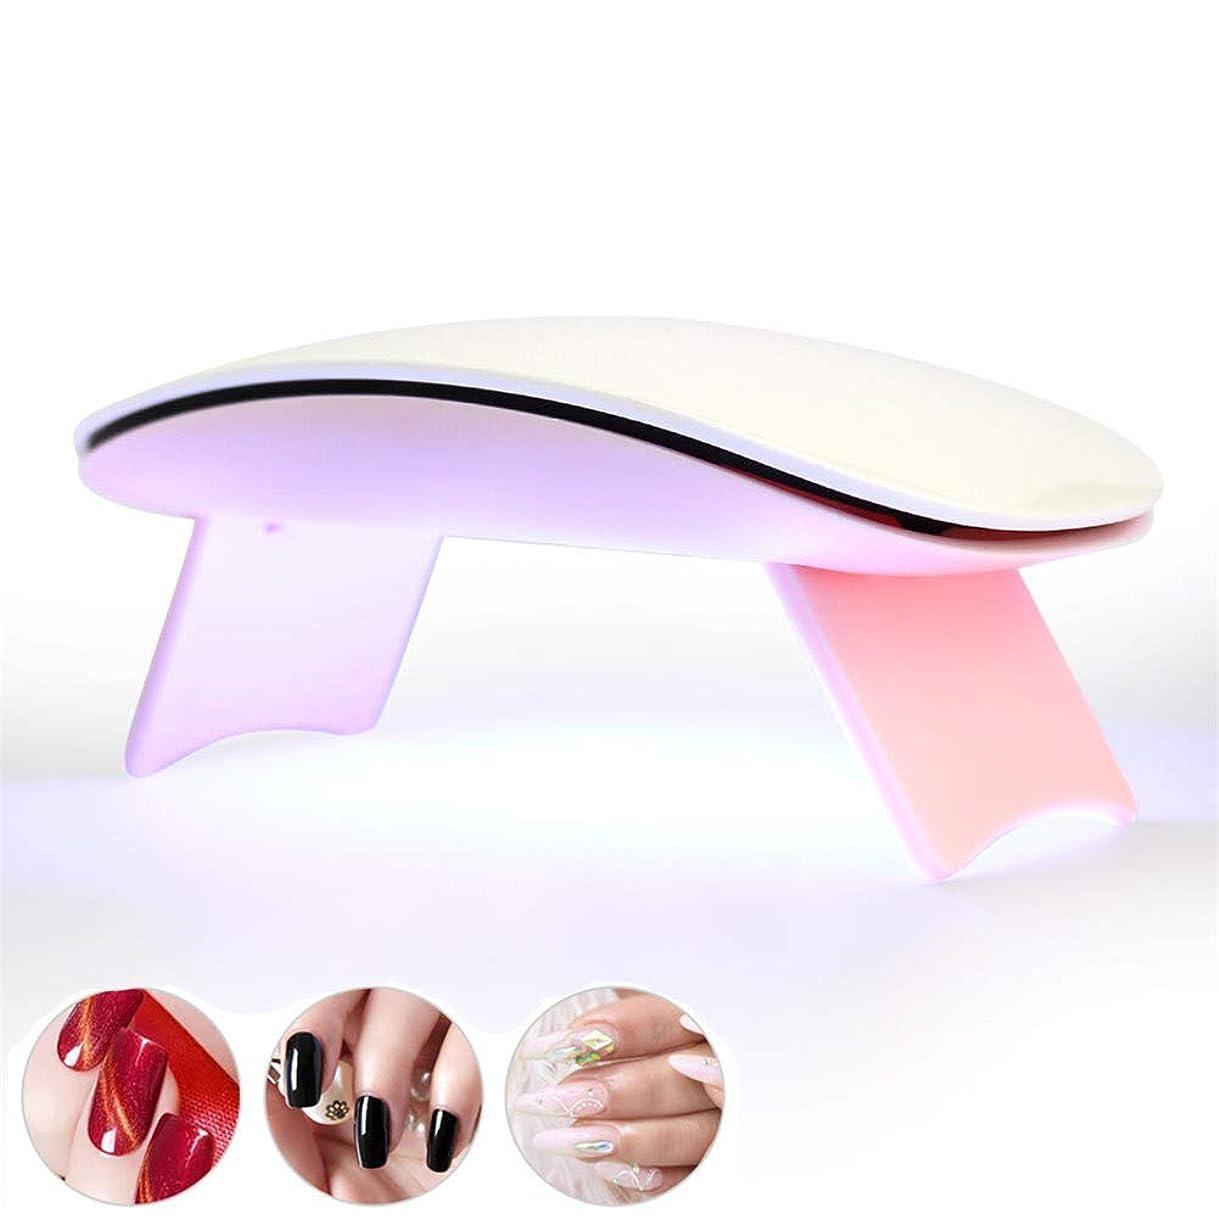 テロリスト居眠りする反対にネイル用ランプマニキュアネイルドライヤー用6WポータブルUV LED USB付きバッテリーマシンセラピーワニスランプジェルポリッシュ用、ピンク